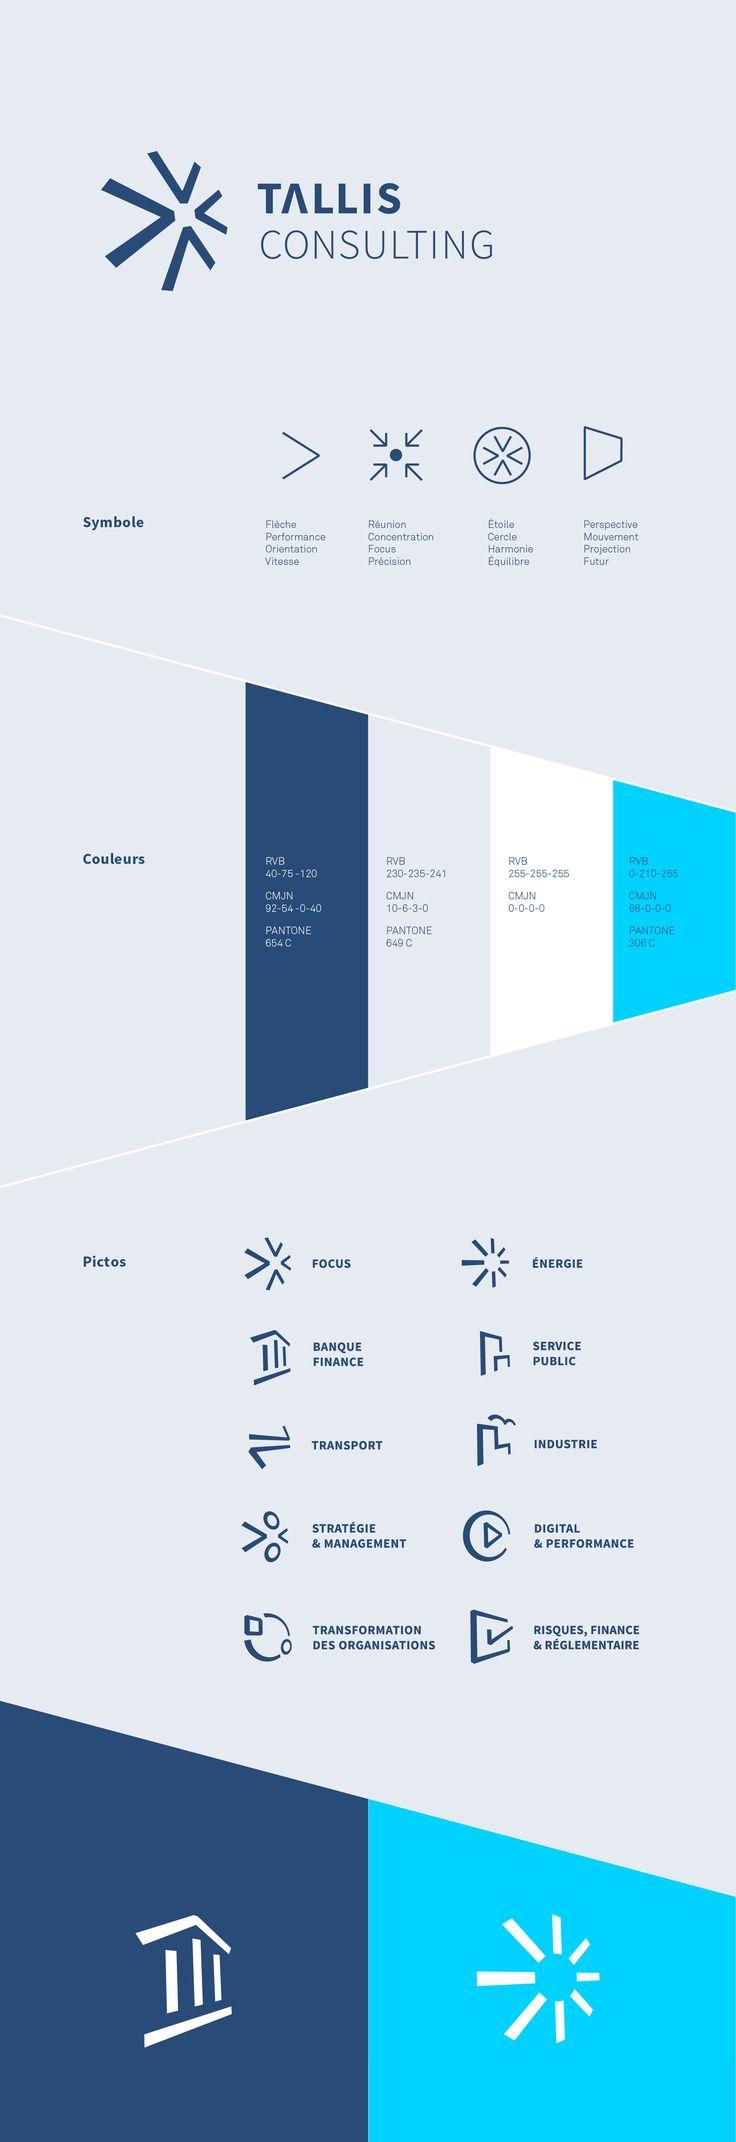 Tallis Consulting, provocateur de performance. Refonte de l'identité visuelle d'un cabinet de conseil en stratégie, organisation et management. Logo, charte graphique...